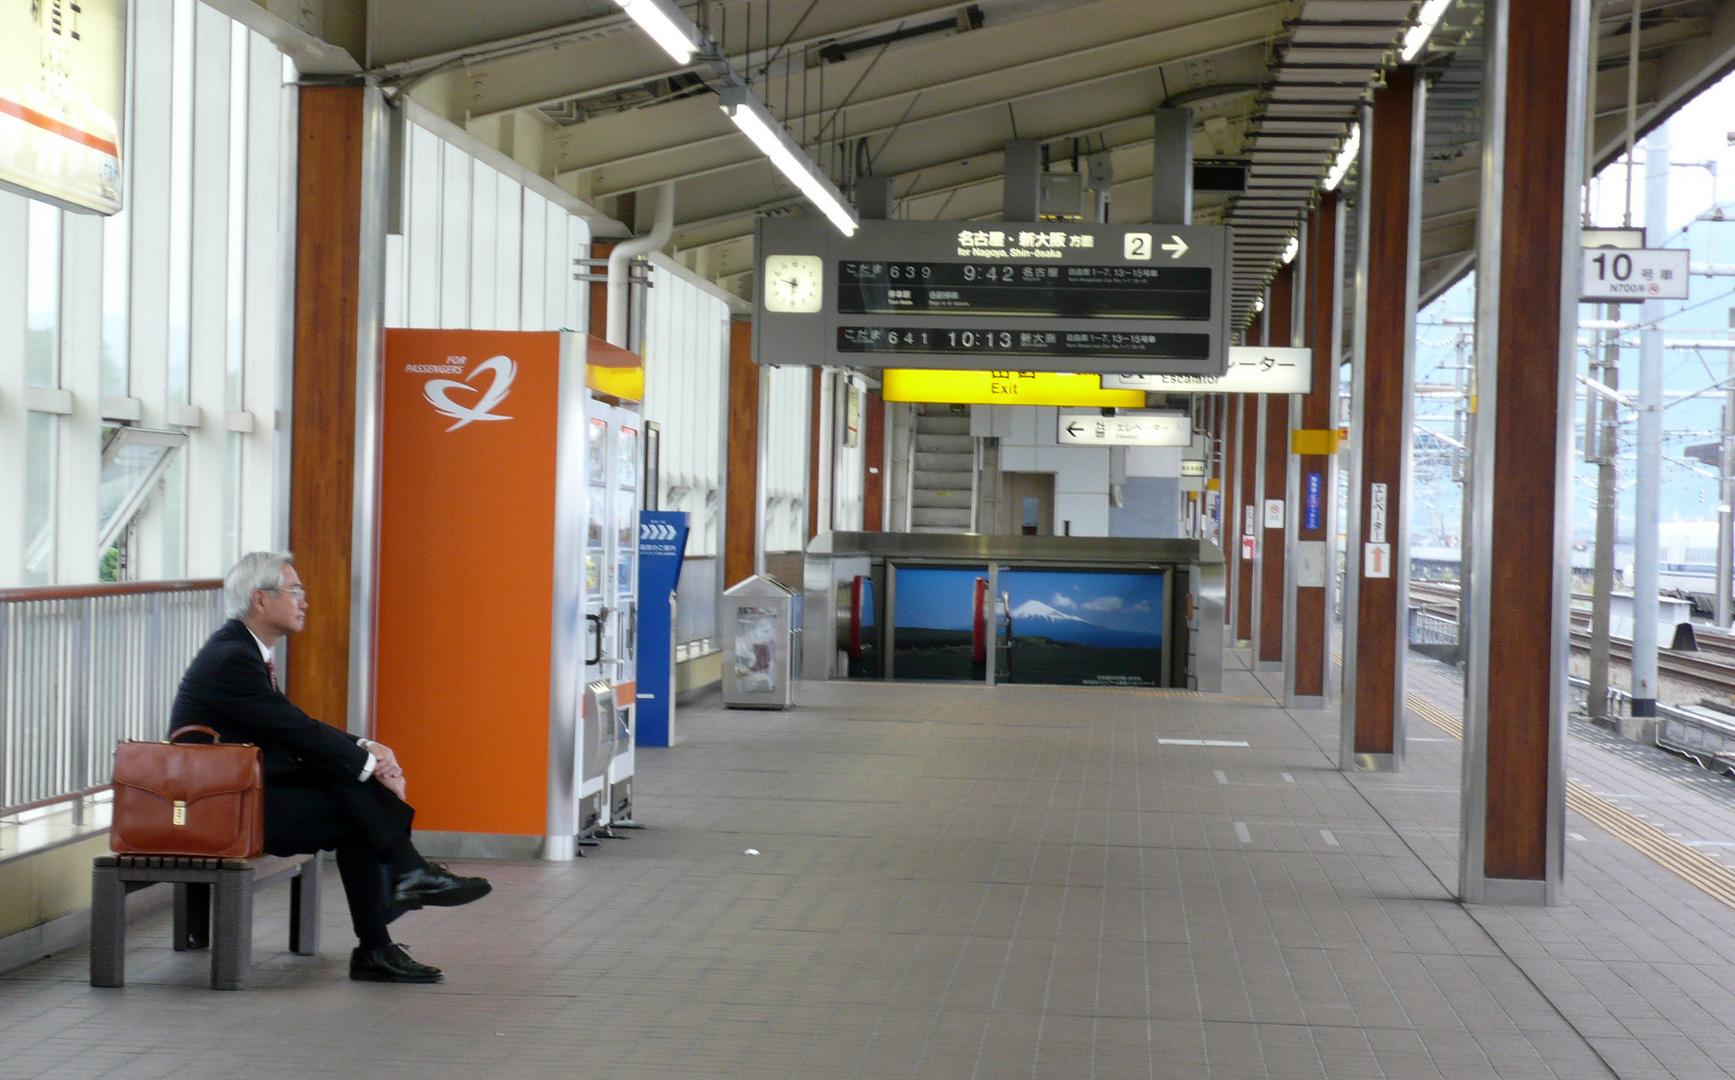 Einsames Warten auf den Shinkasen, den japanischen Schnellzug